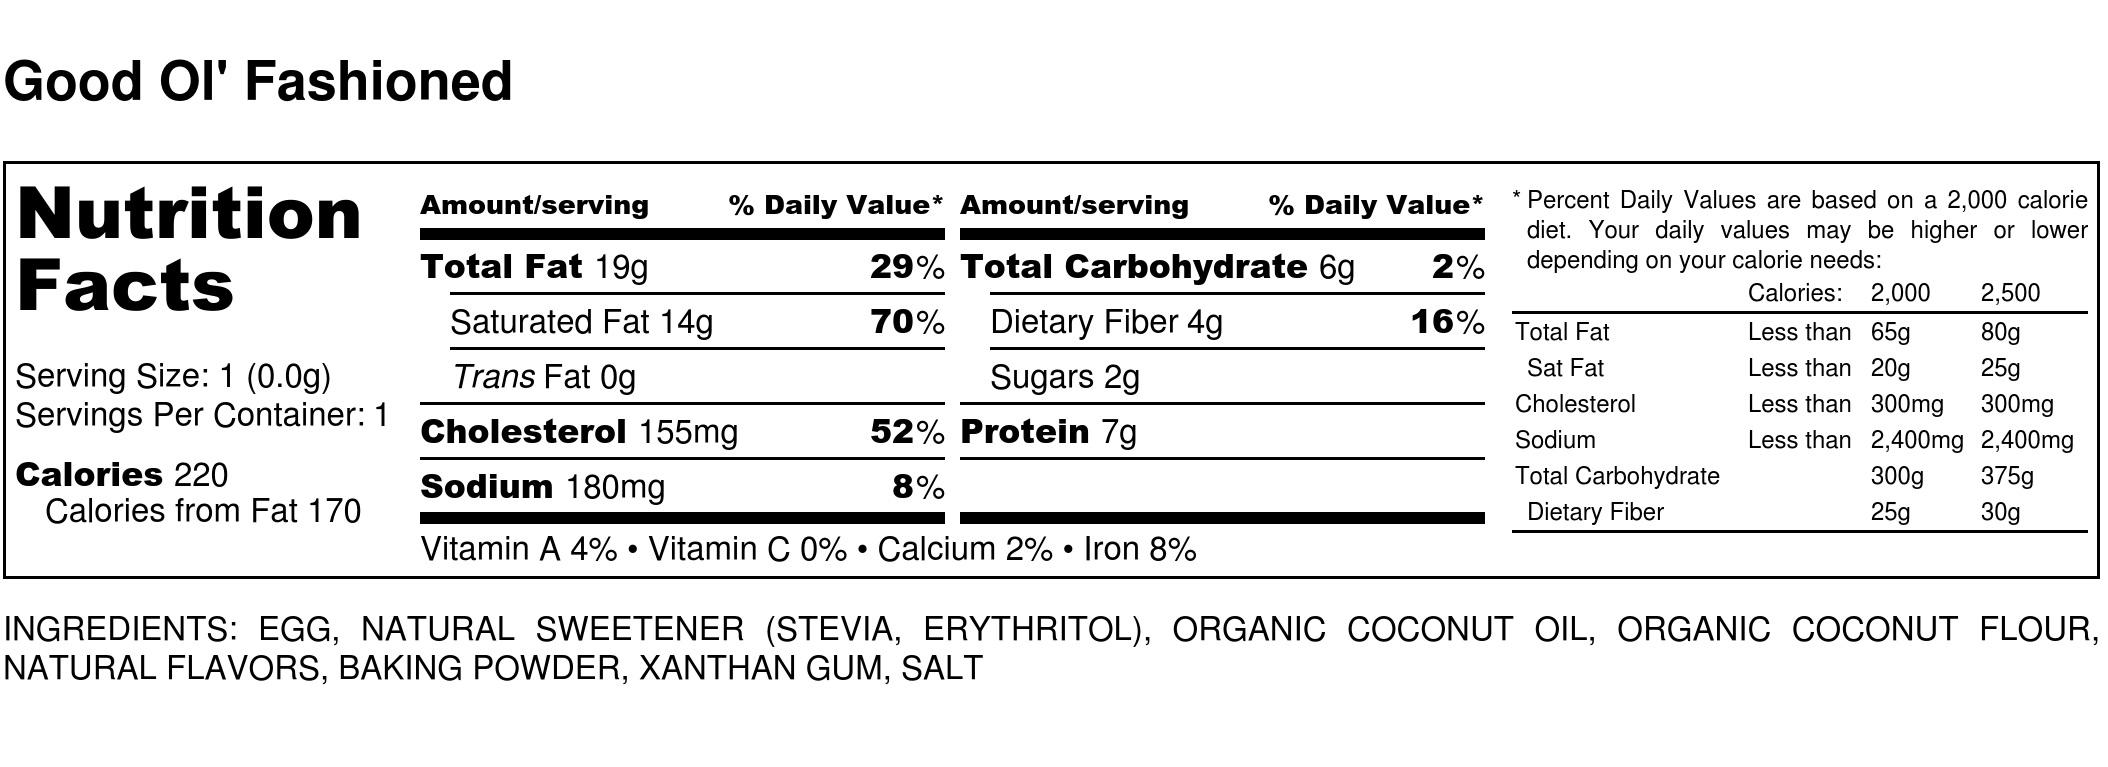 good-ol-fashioned-nutrition-label-new.jpg